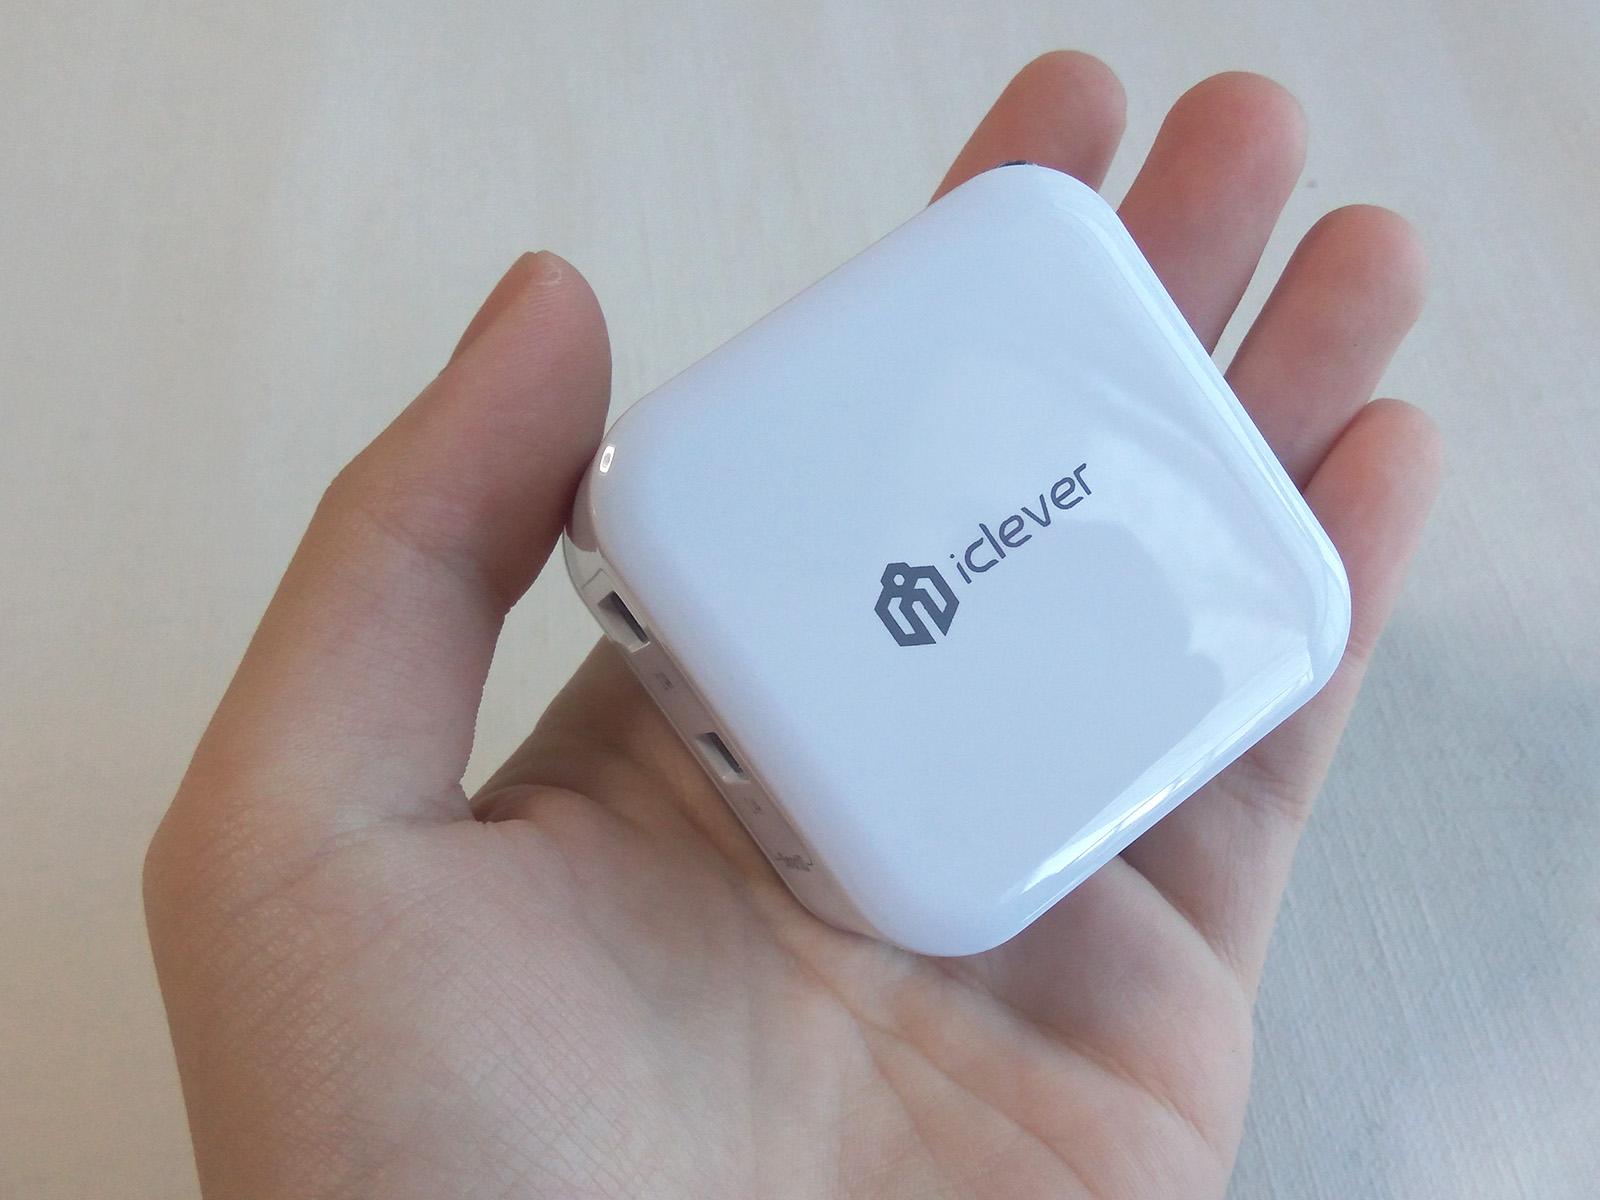 iClever USB充電器 手に収まるほどのサイズ感